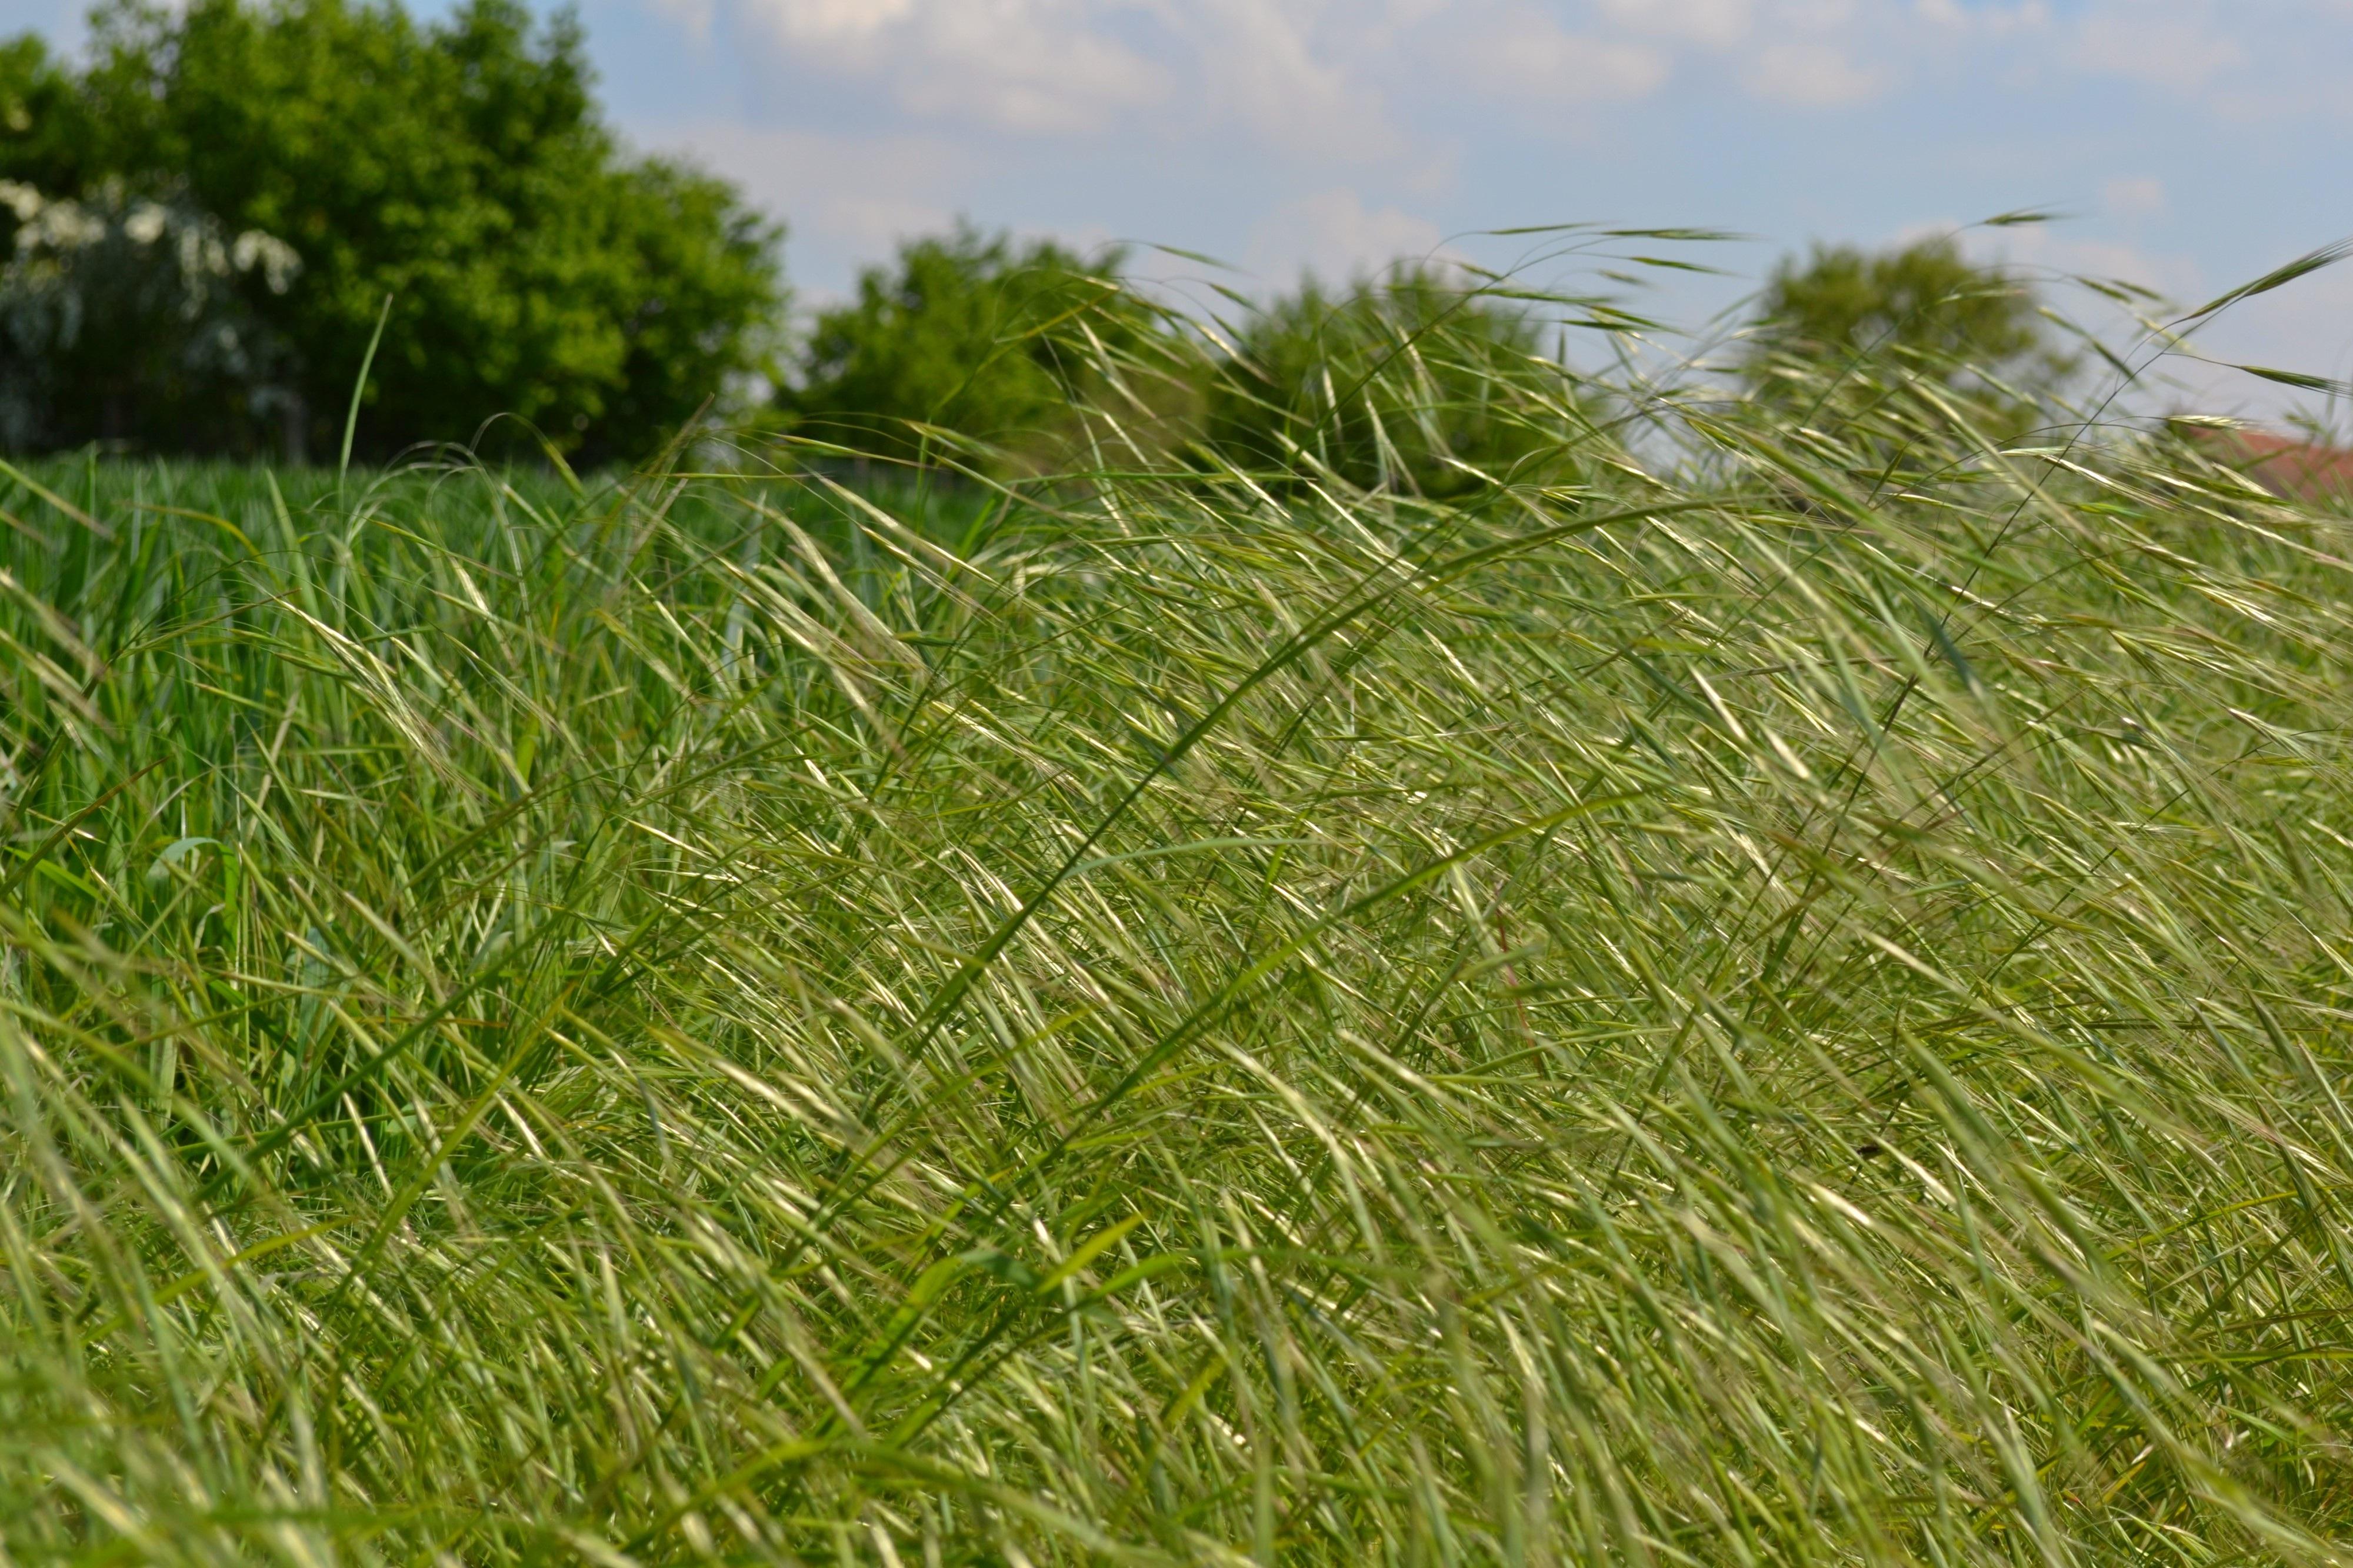 images gratuites   la nature  herbe  plante  champ